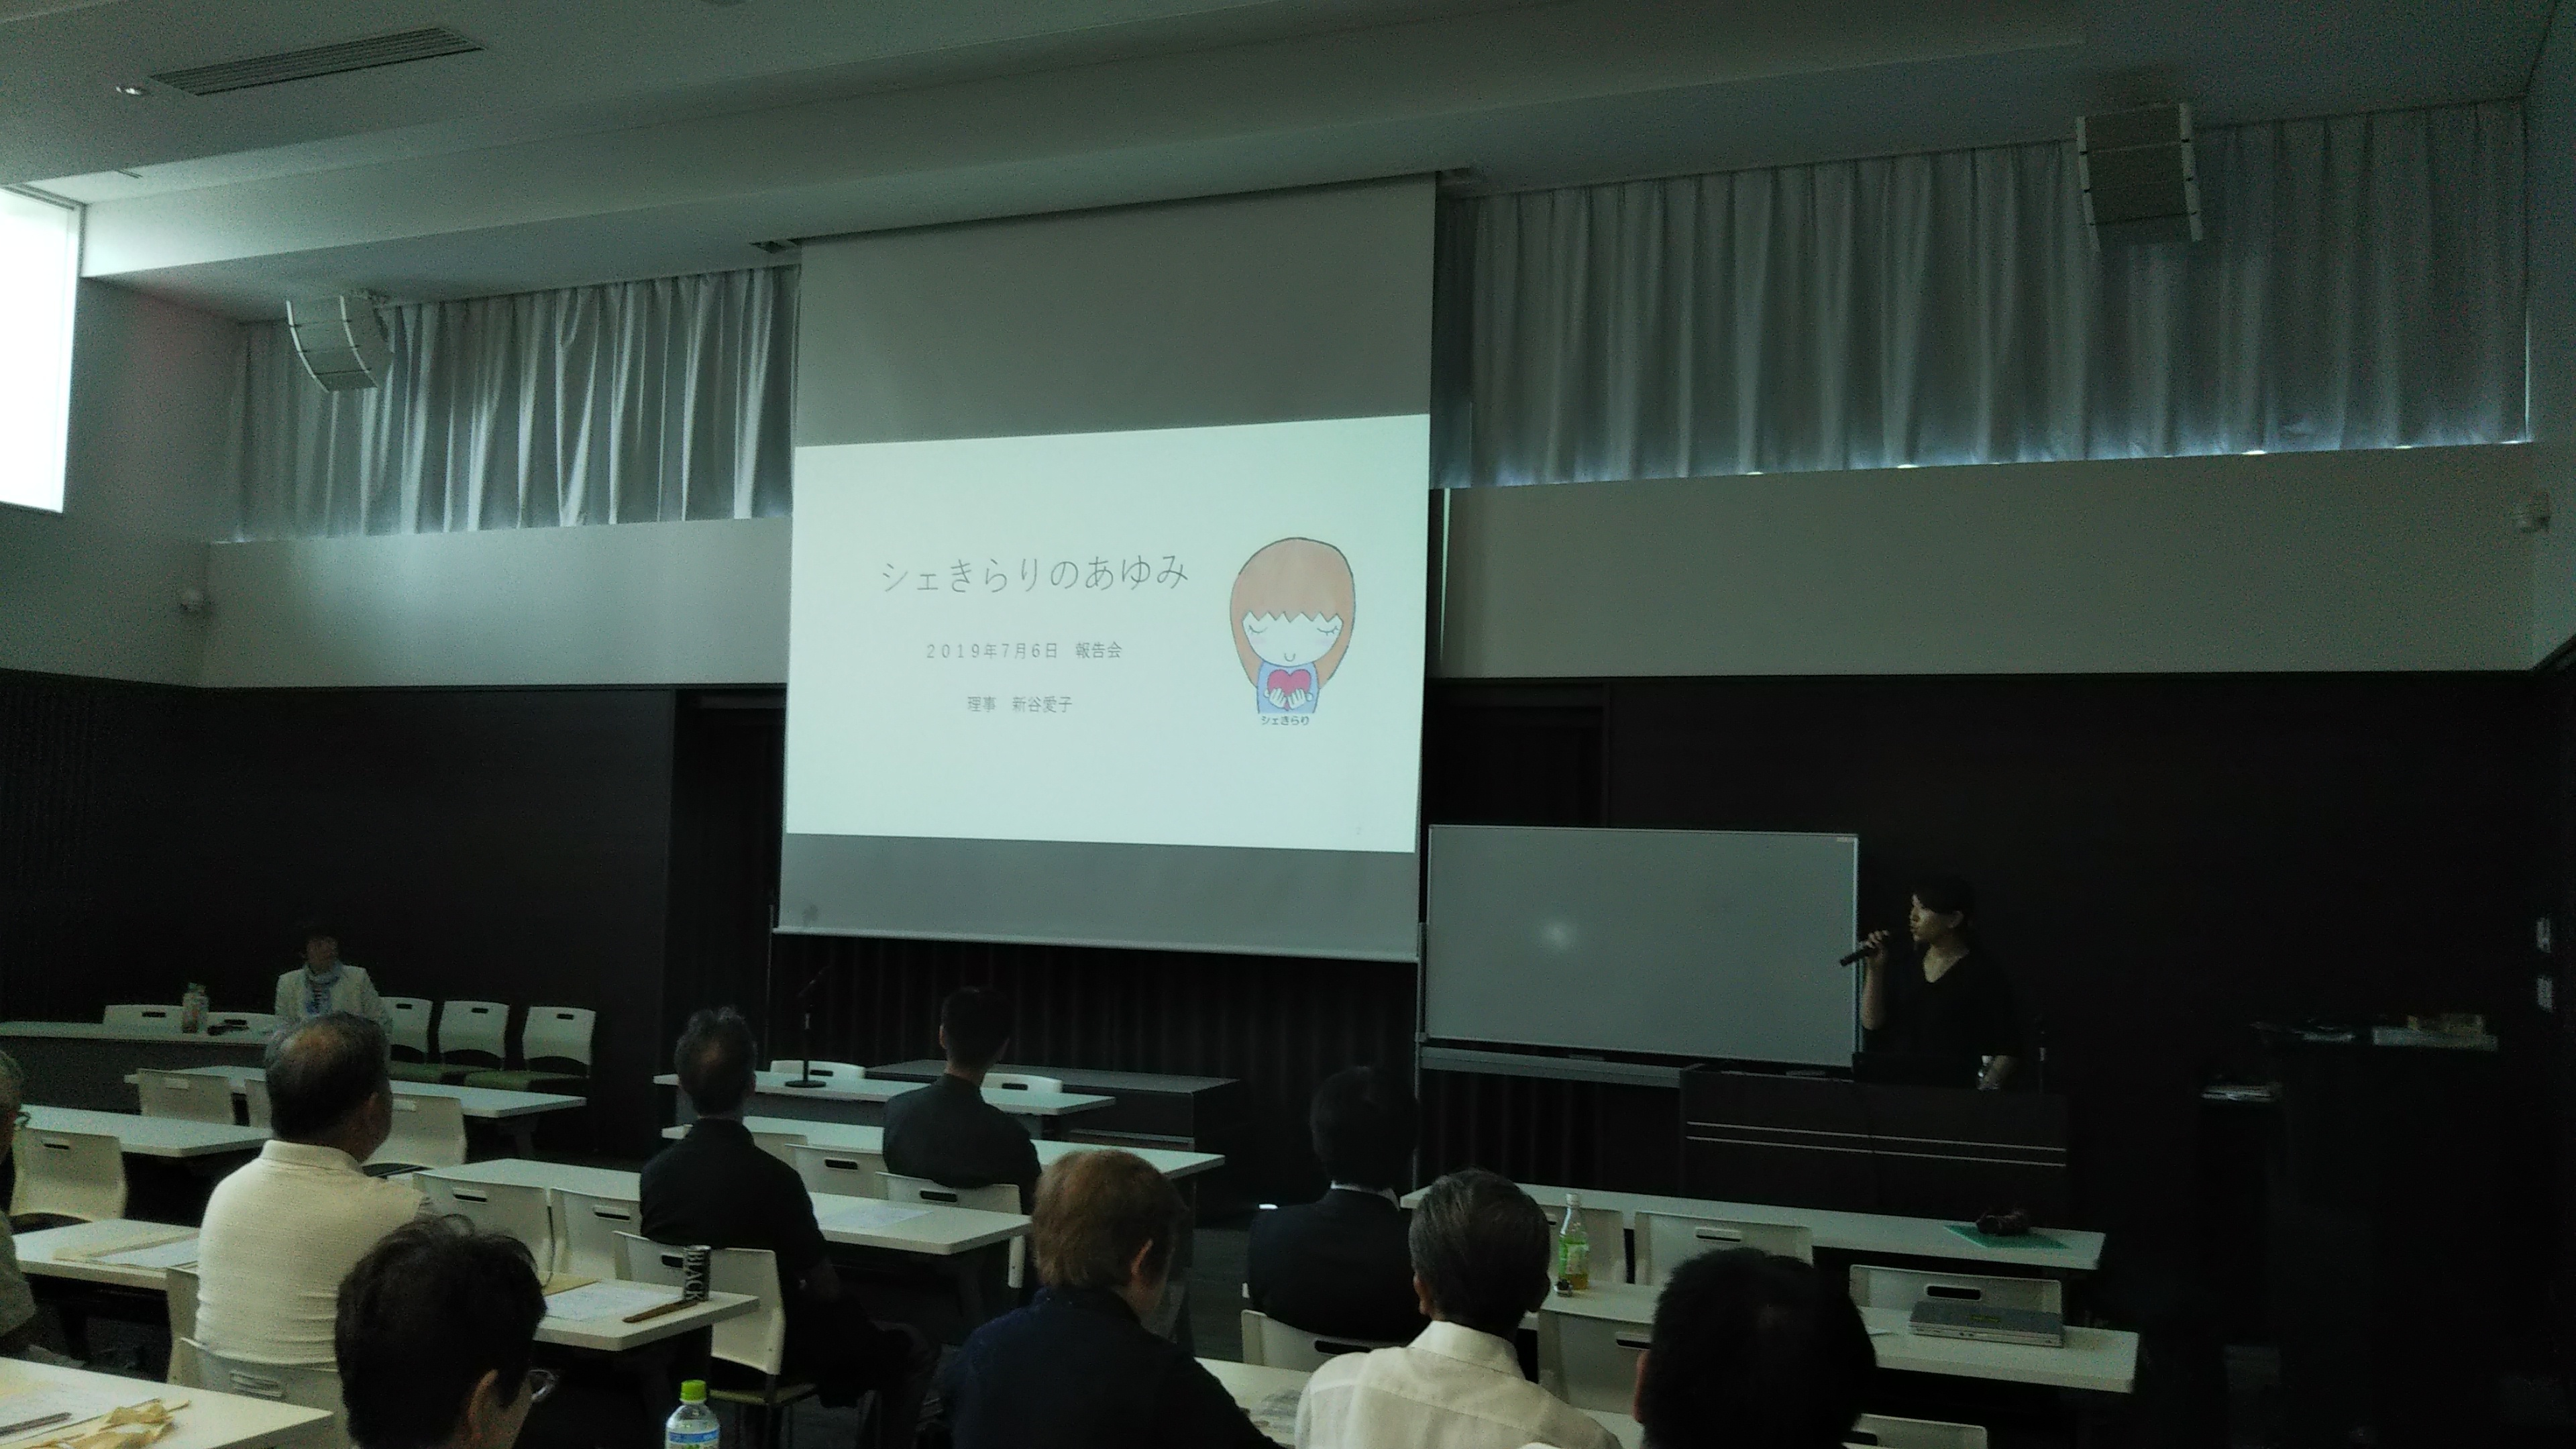 190706 シェきらり総会・報告会